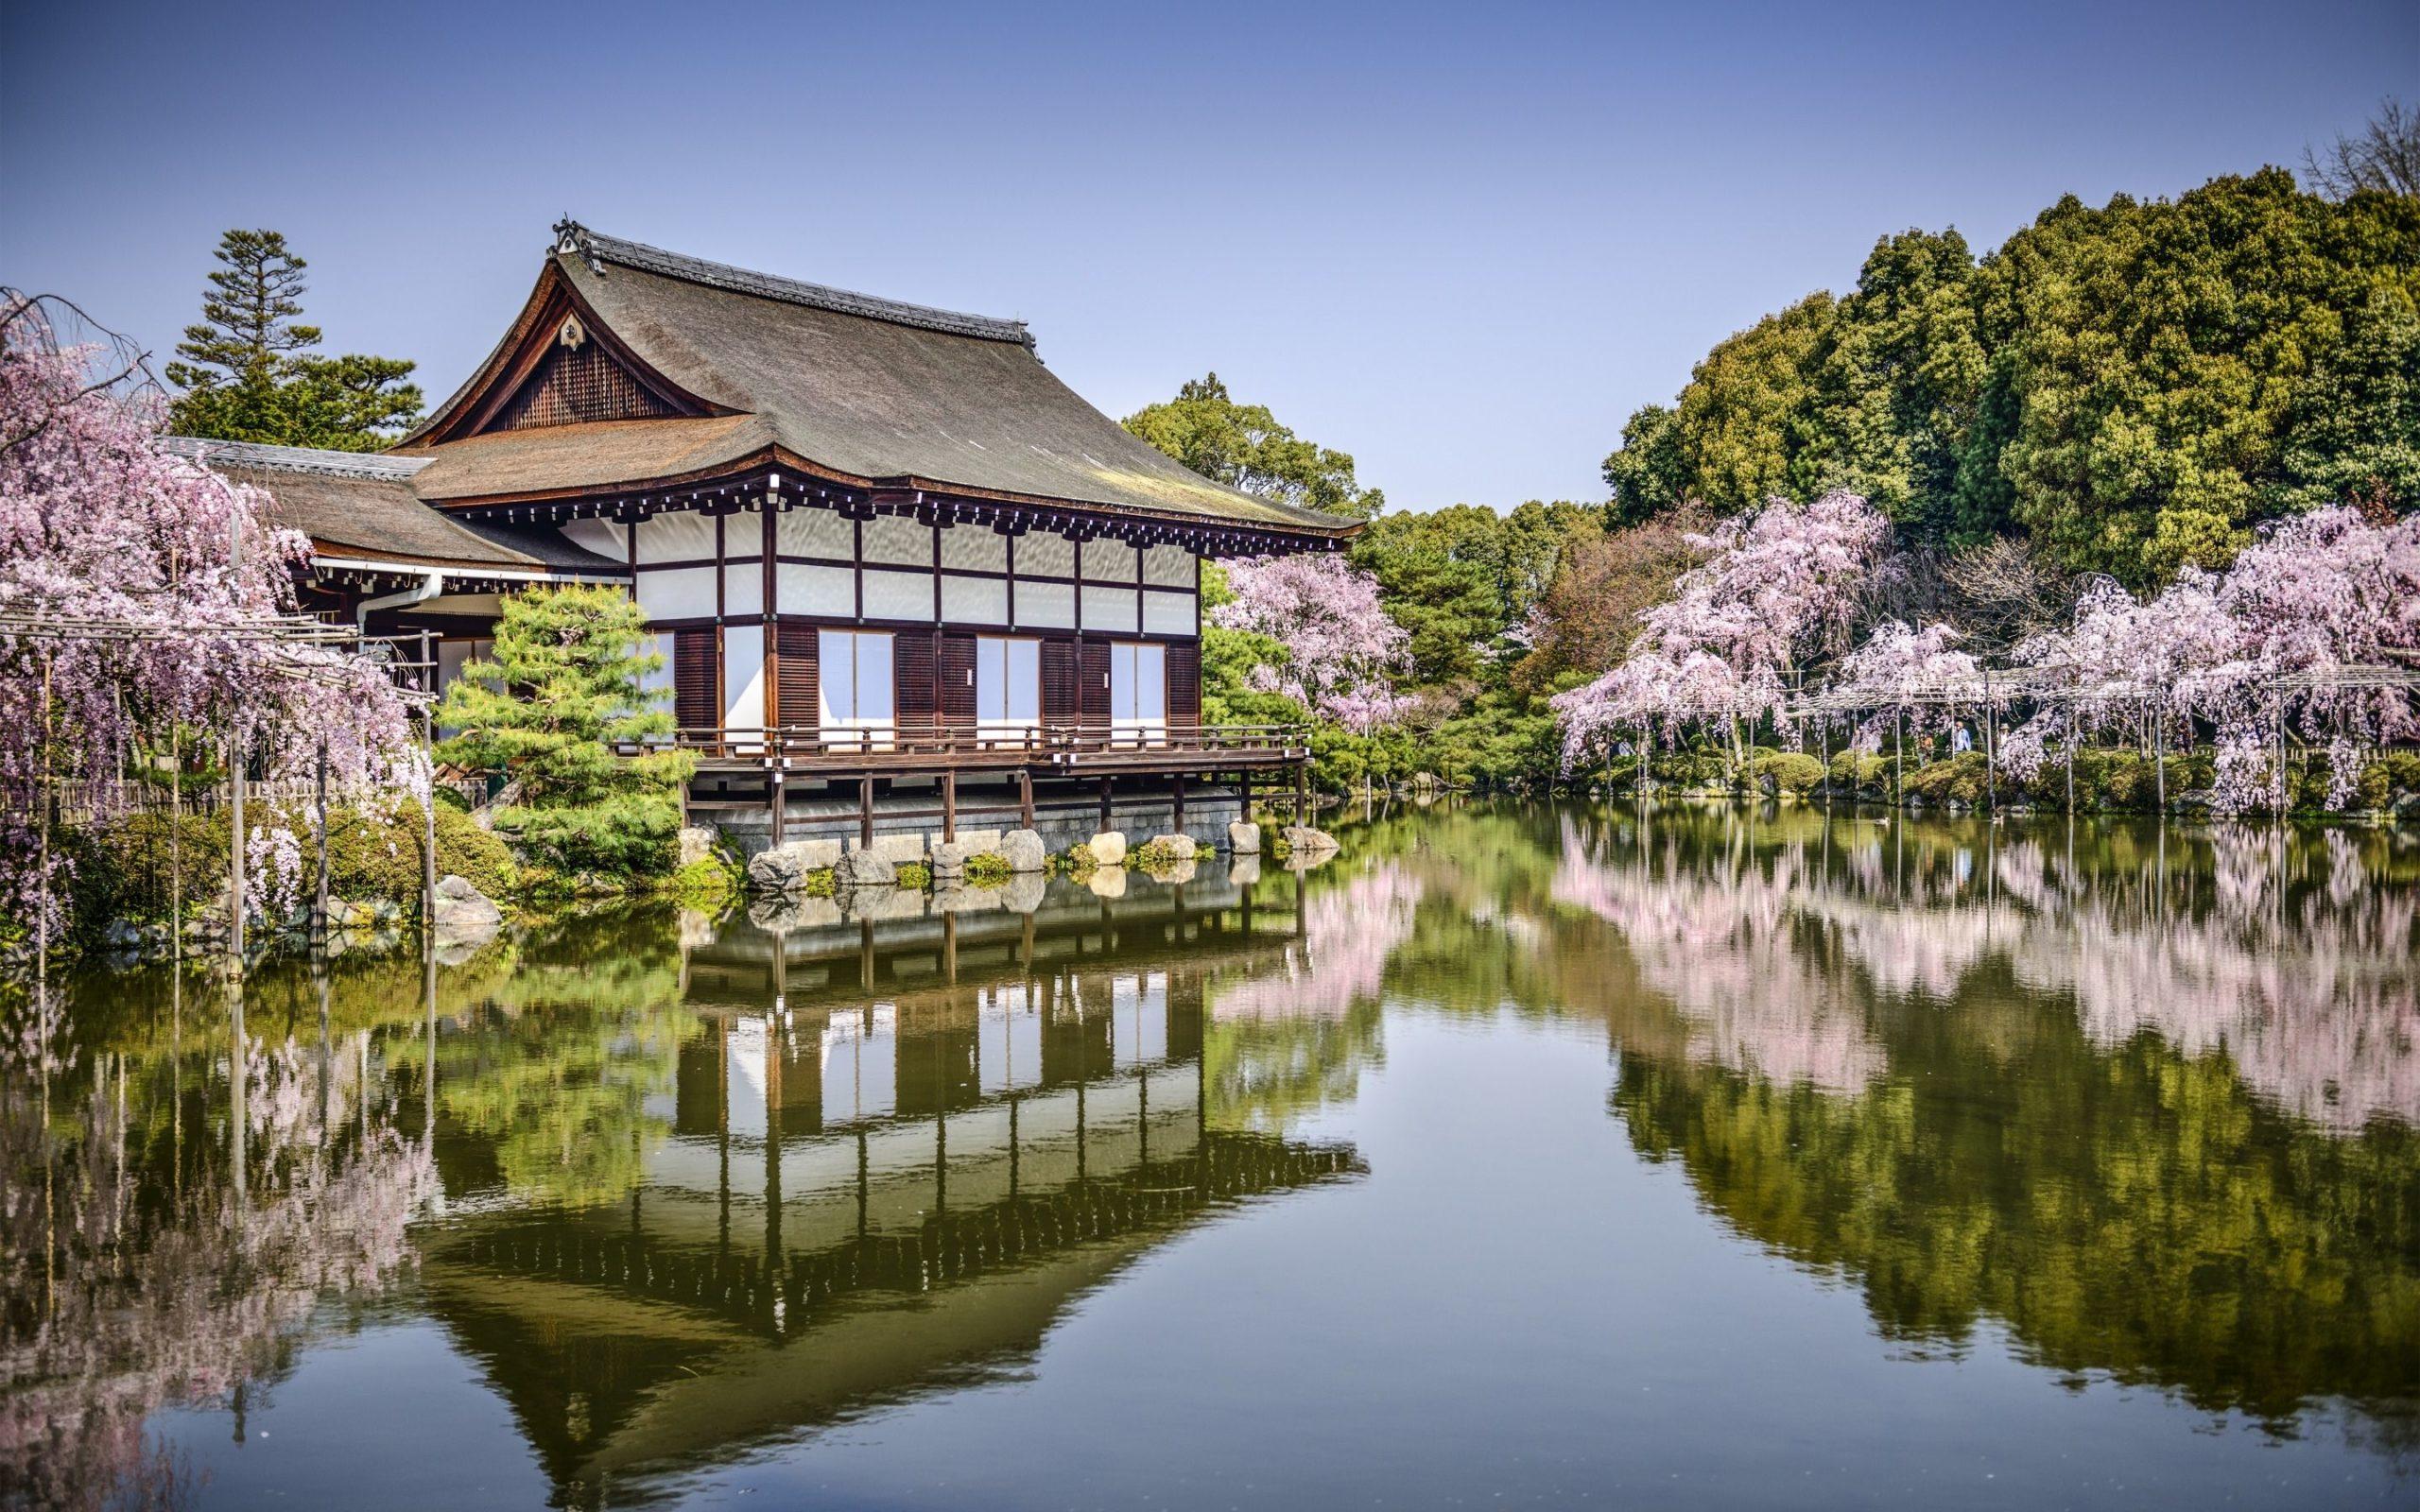 images of japanese geisha